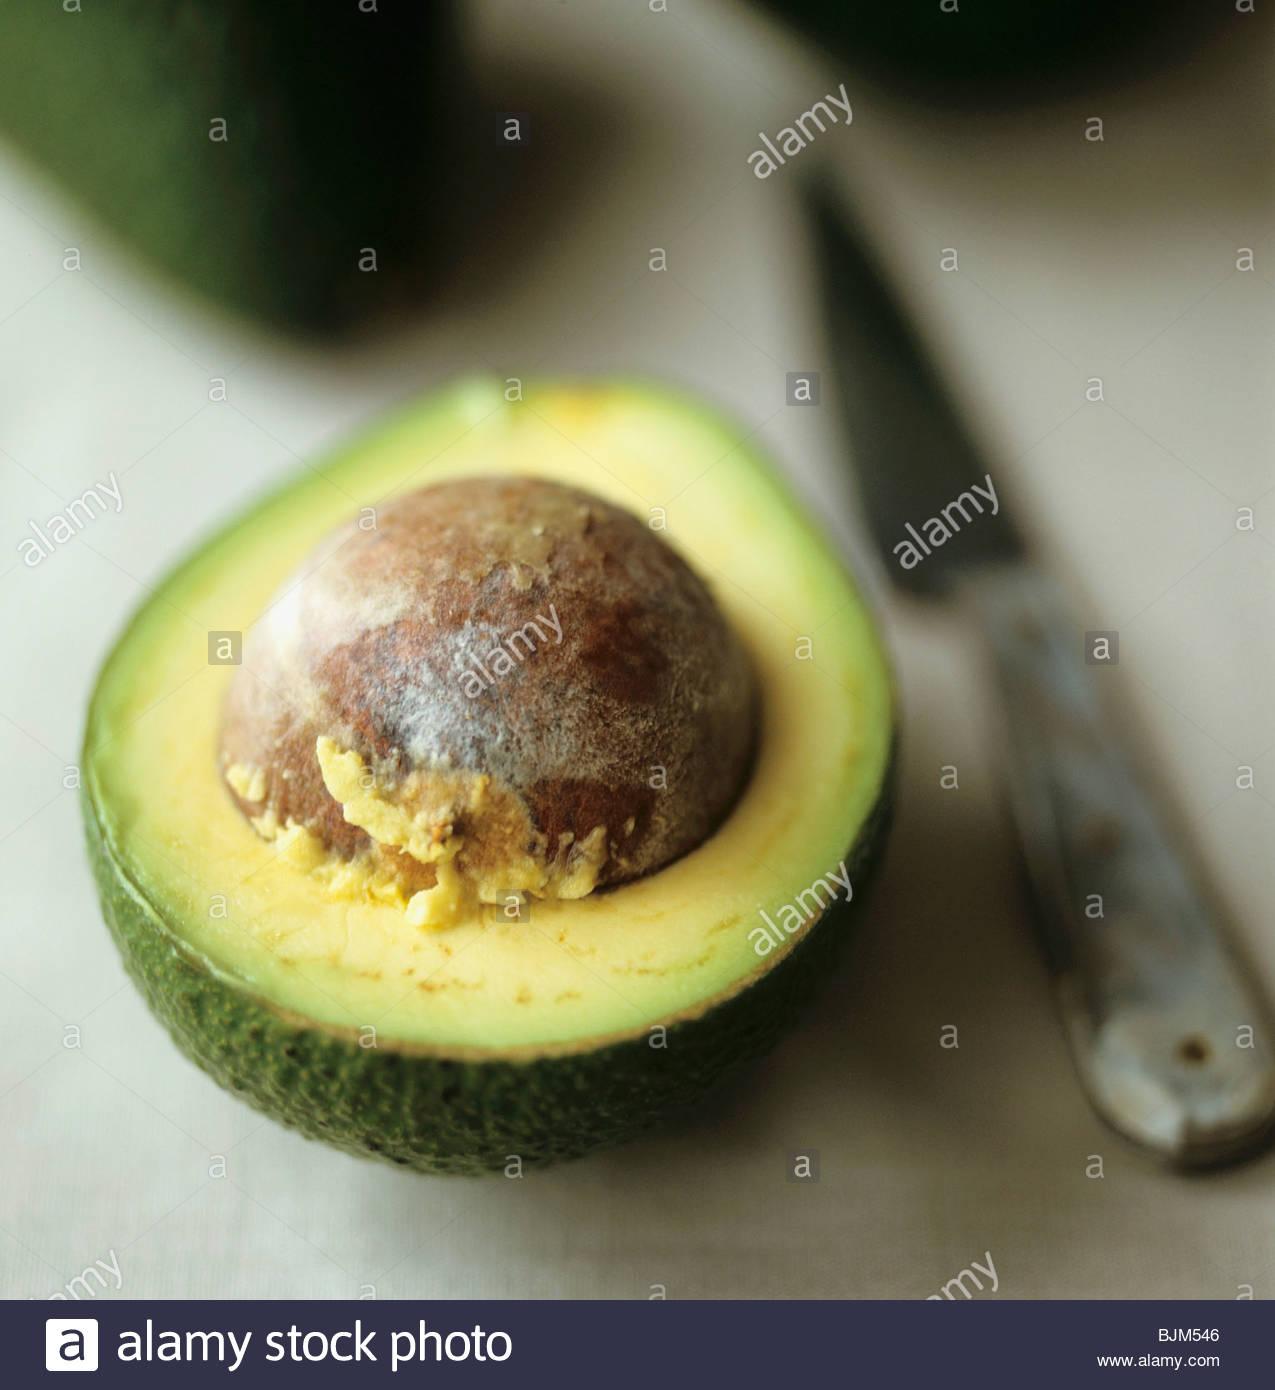 Eine halbe Avocado mit Stein Stockfoto